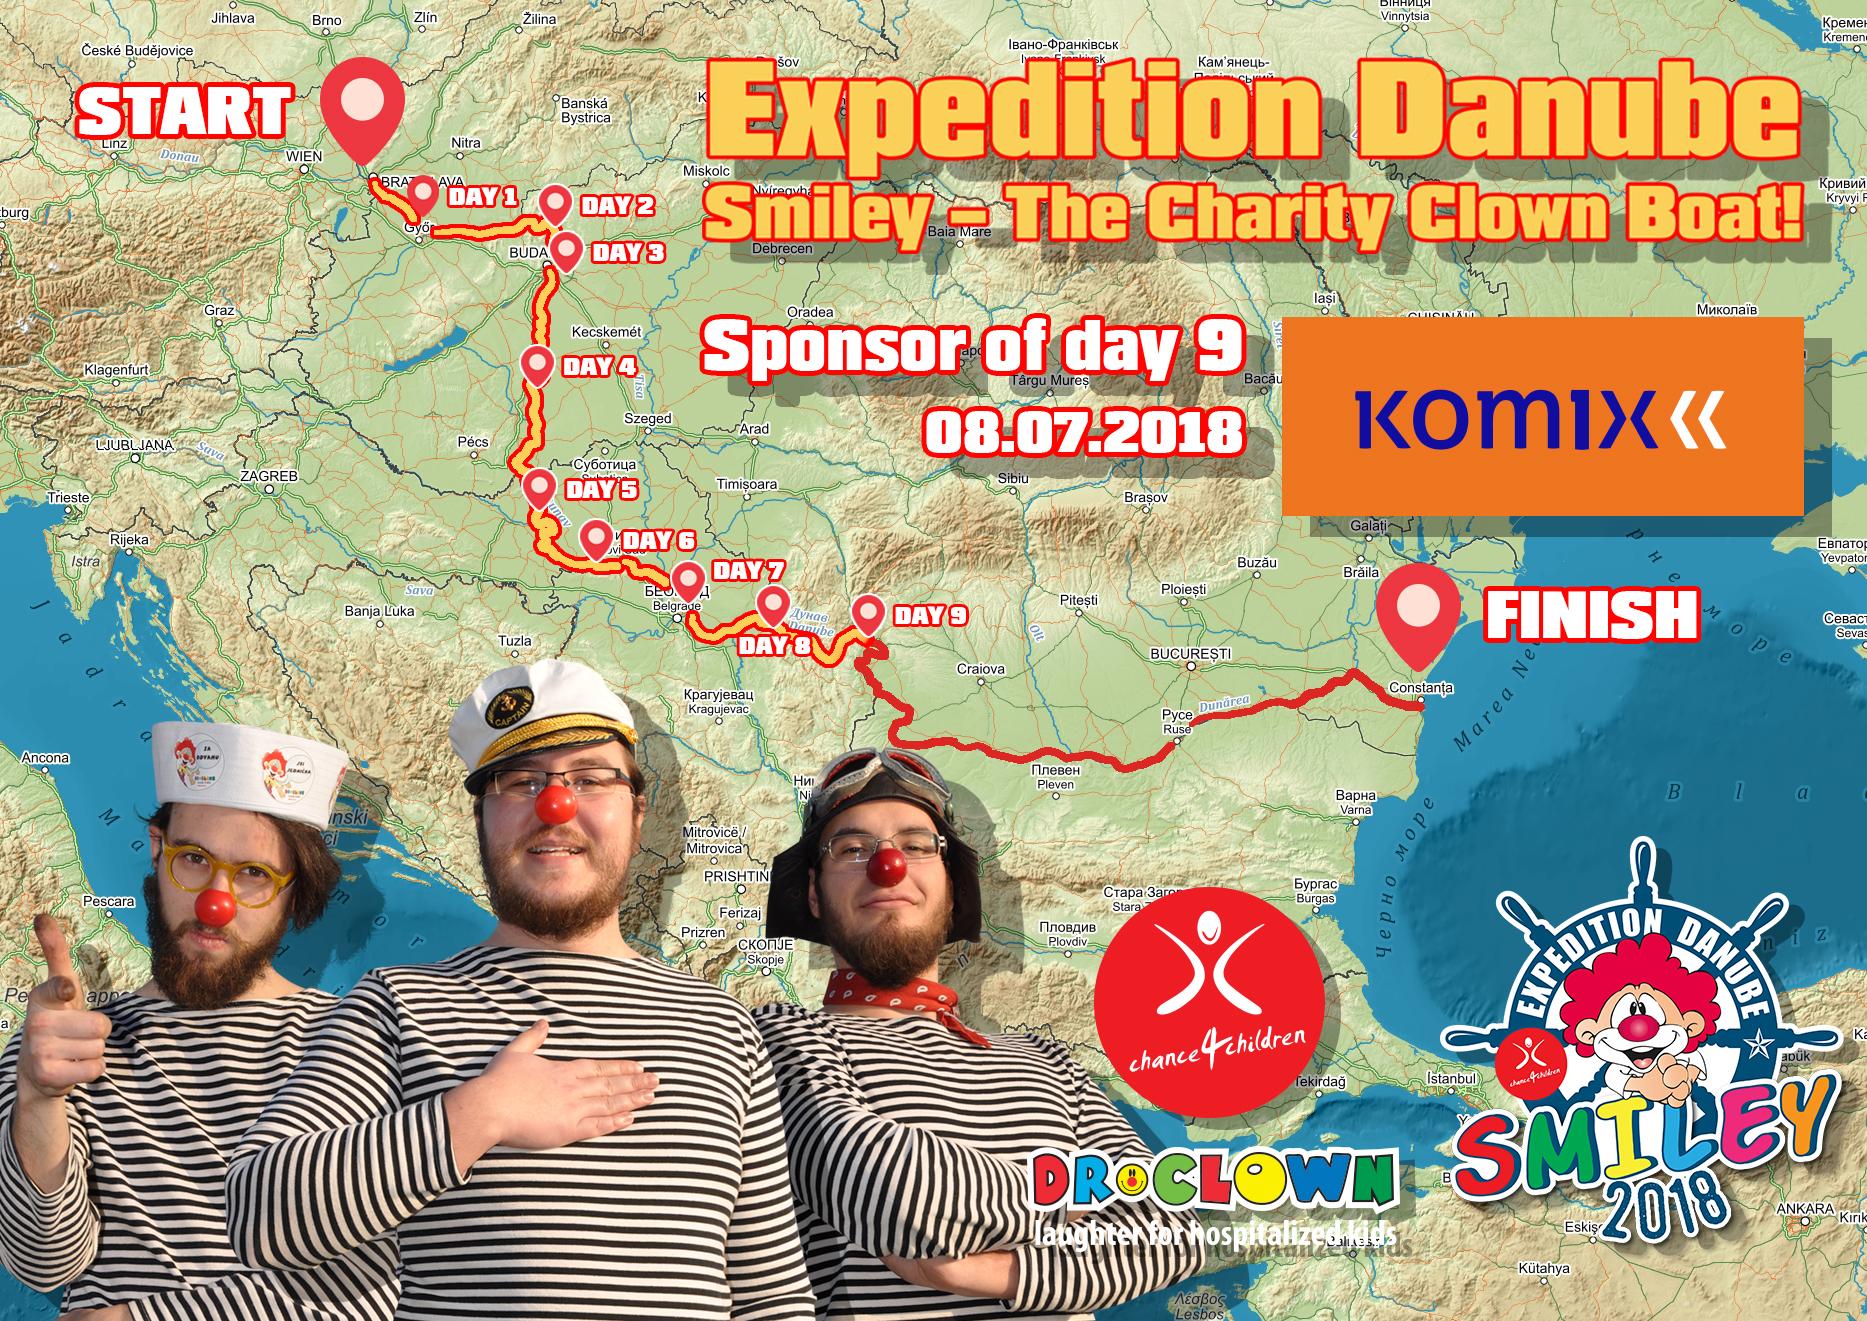 Expedition-Danube-day-09-KOMIX.jpg-espsfjtmEJe4FORvTw7Ep6Tz.jpg